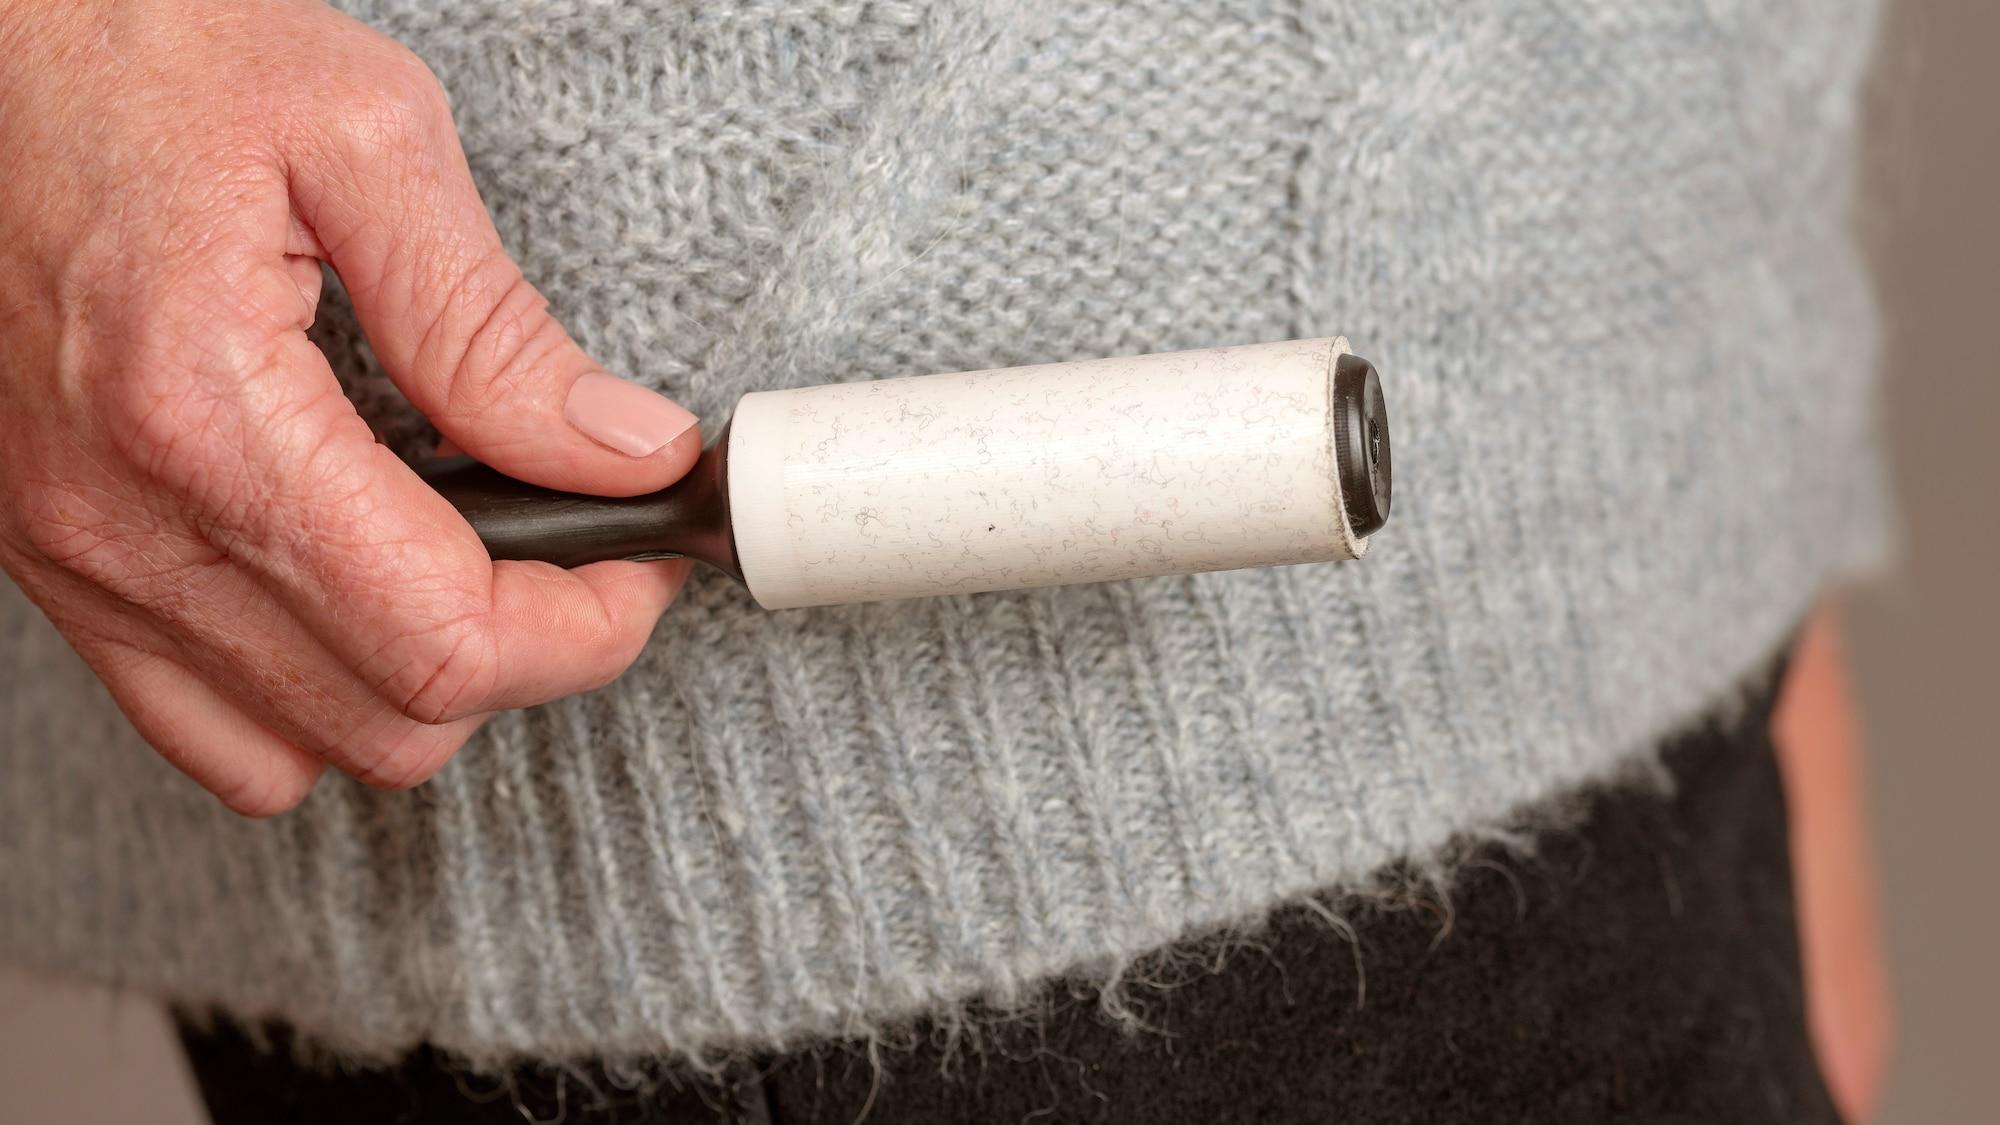 Wenn Sie keinen Fusselroller zur Hand haben: 7 Tipps, um Fussel im Handumdrehen loszuwerden